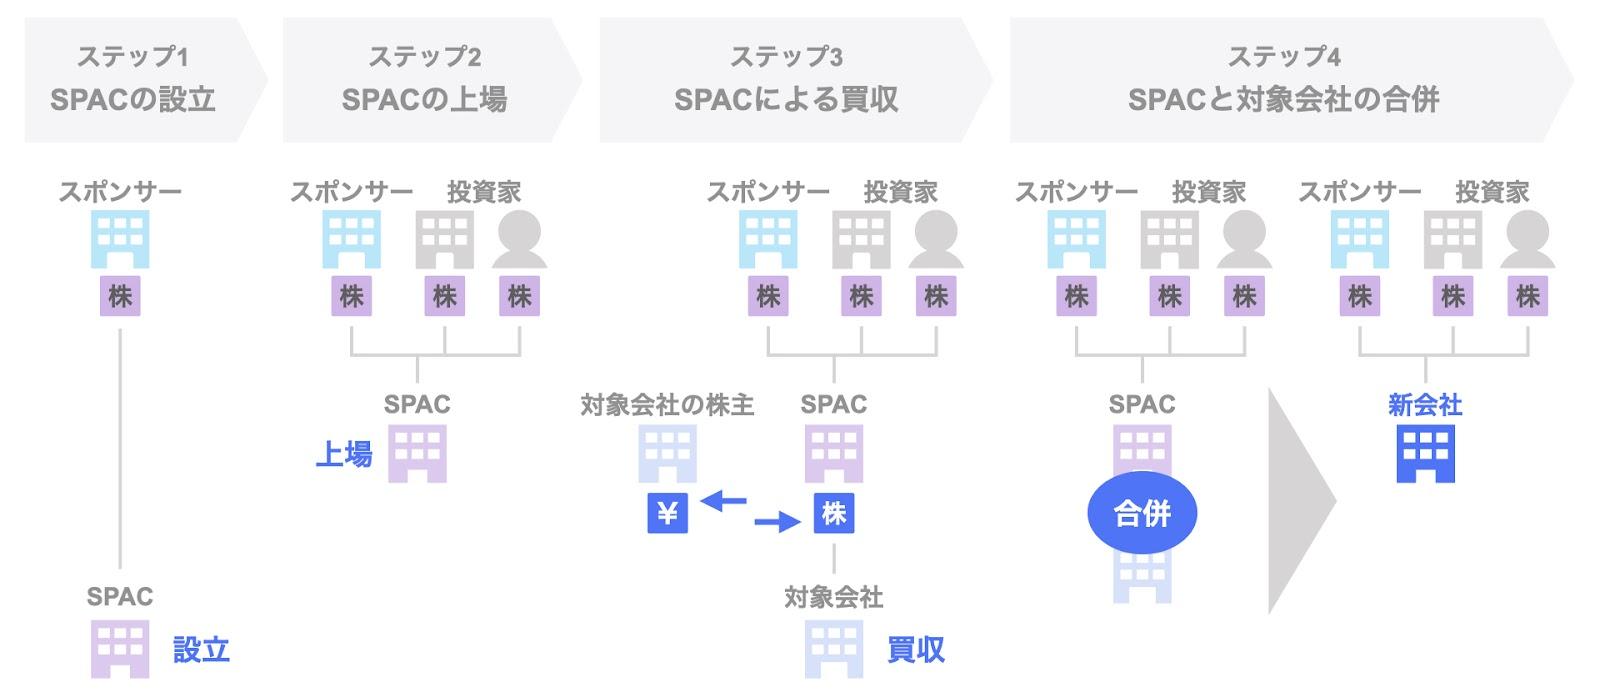 SPACのスキーム